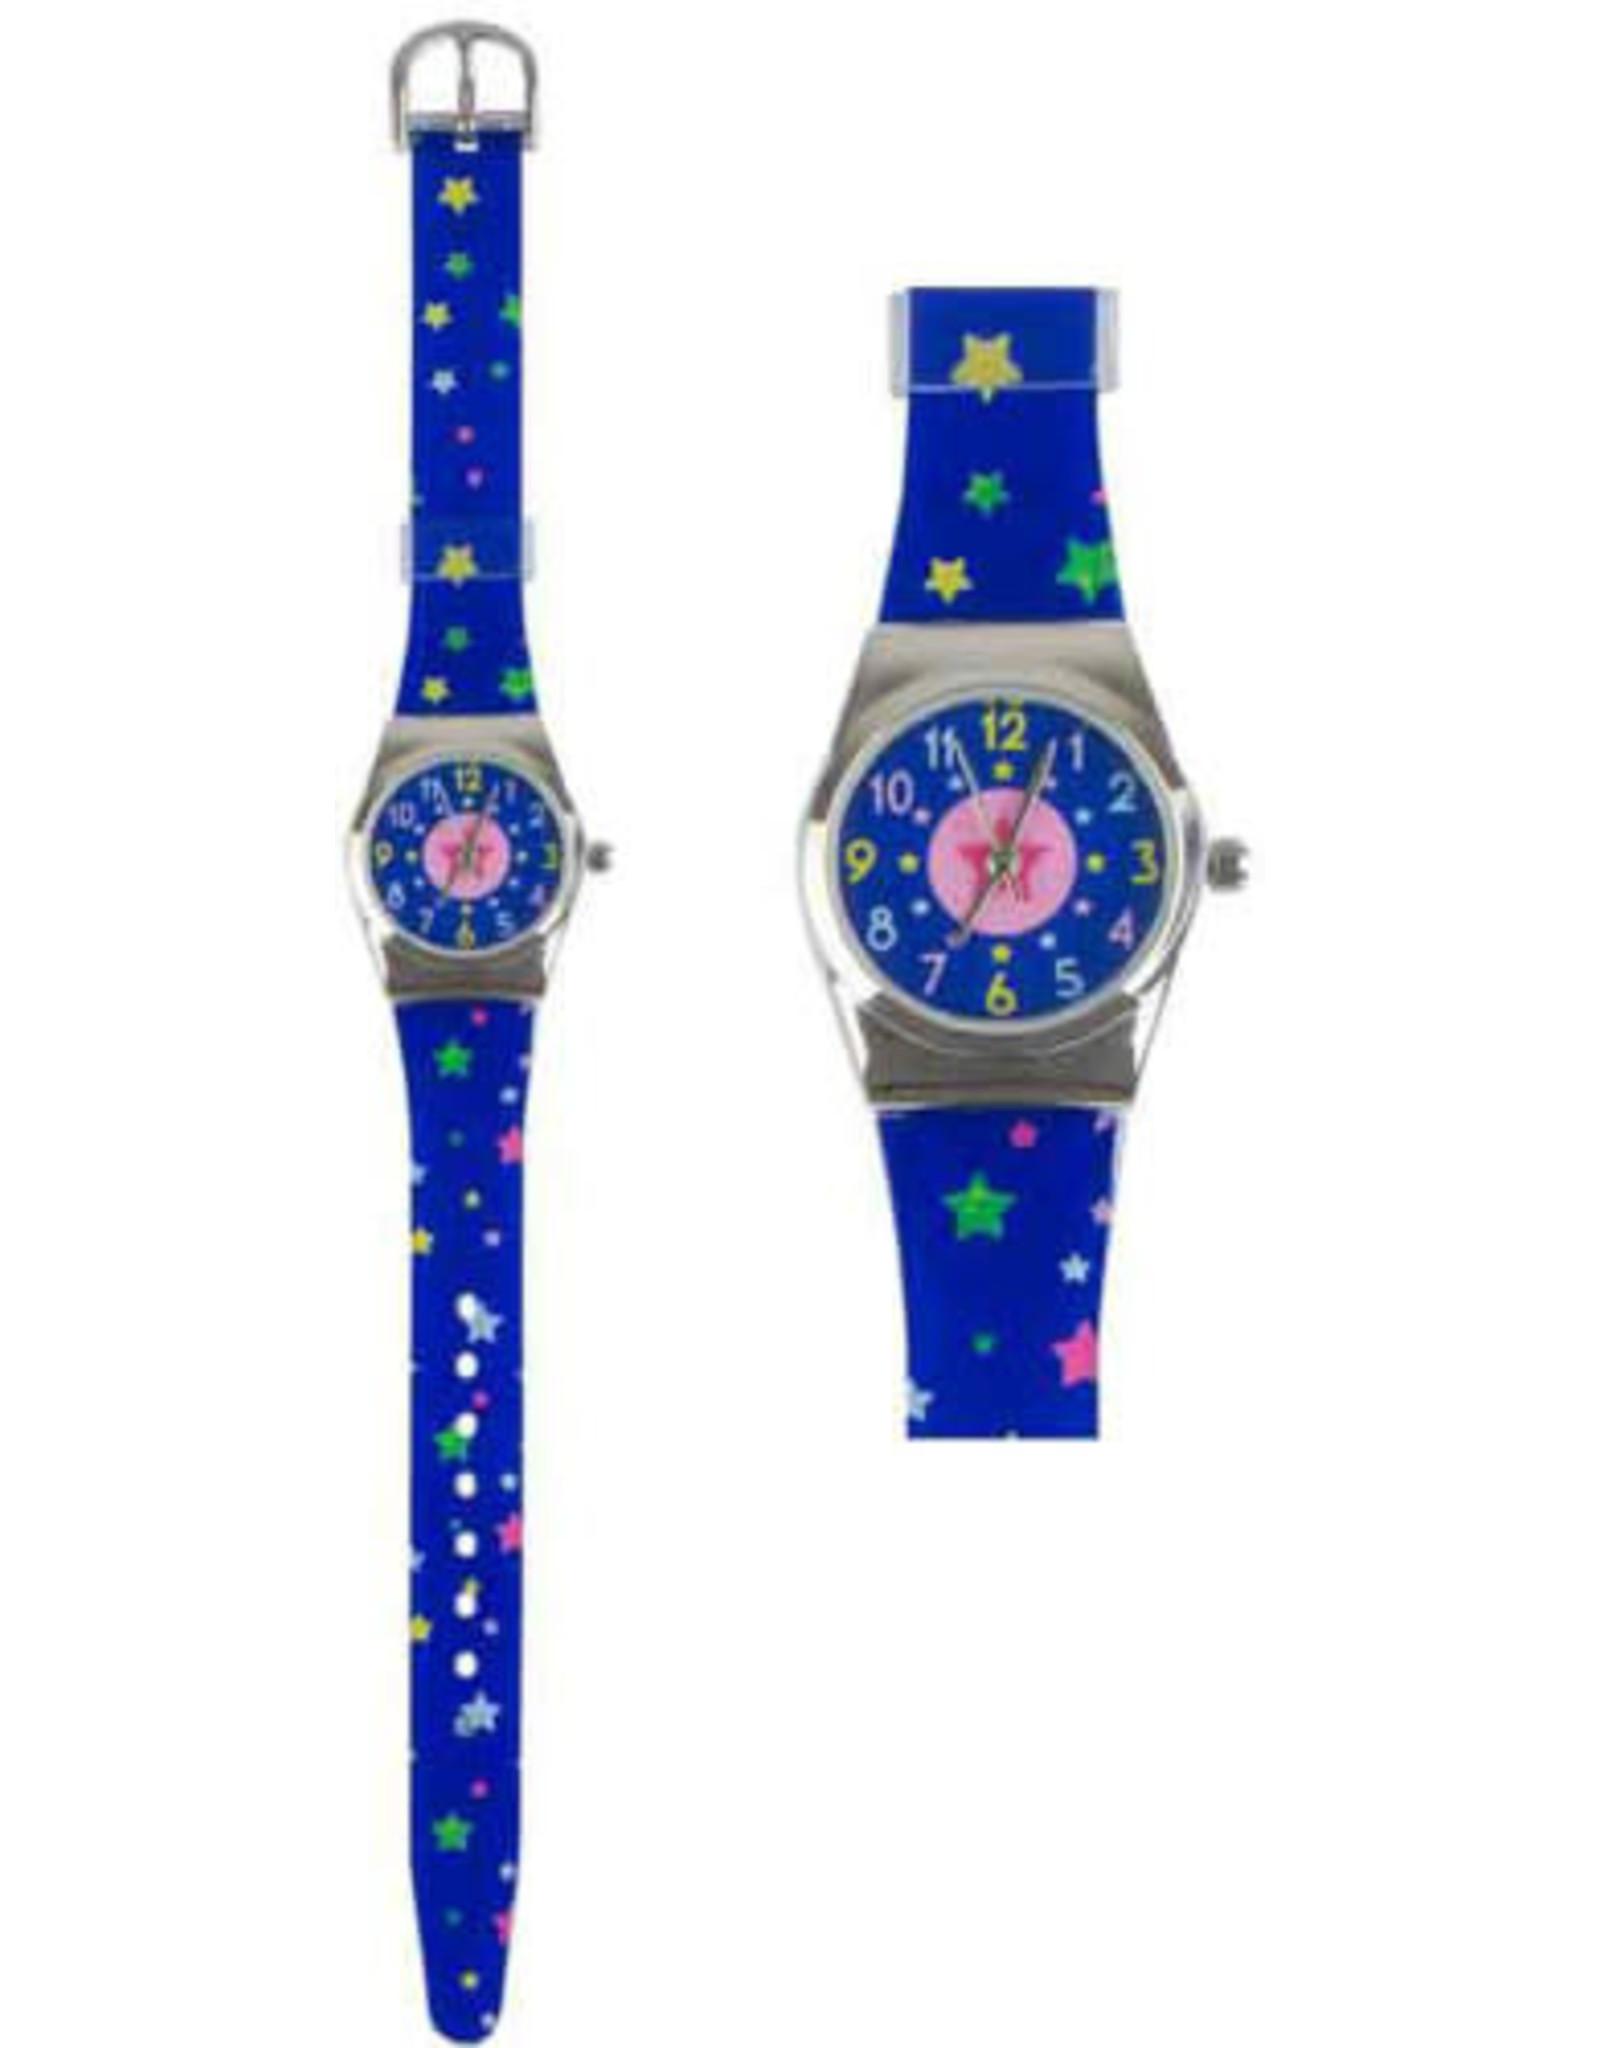 BB BB Kinderhorloge blauw met sterren